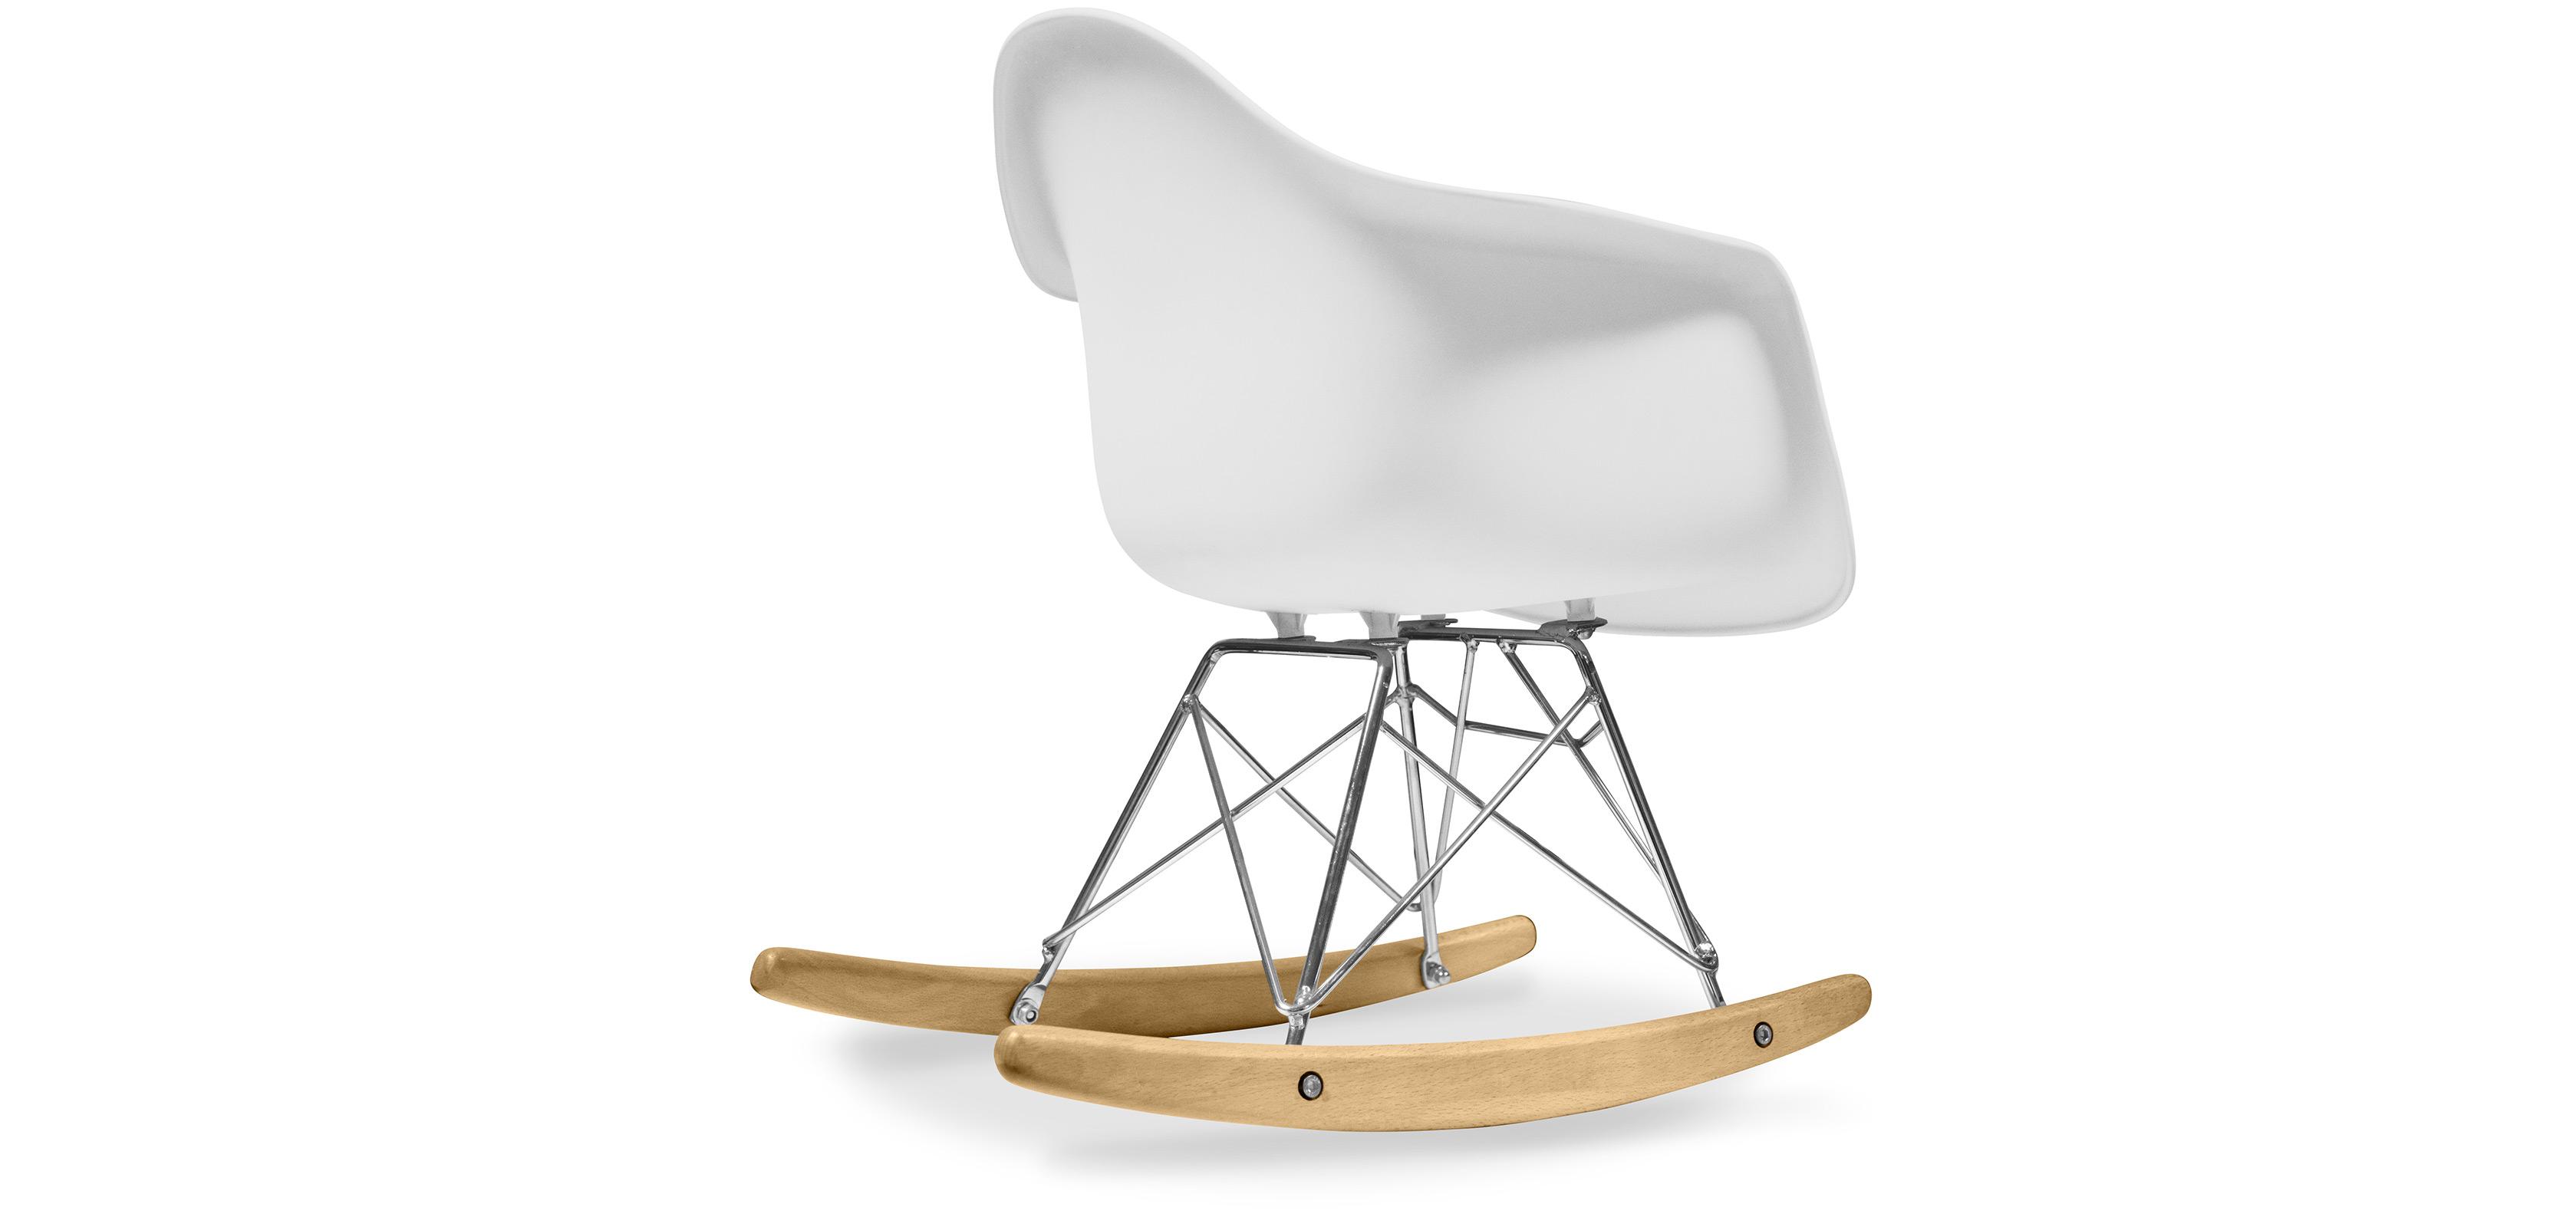 balance chair for kids cosco high manual children polypropylene matt